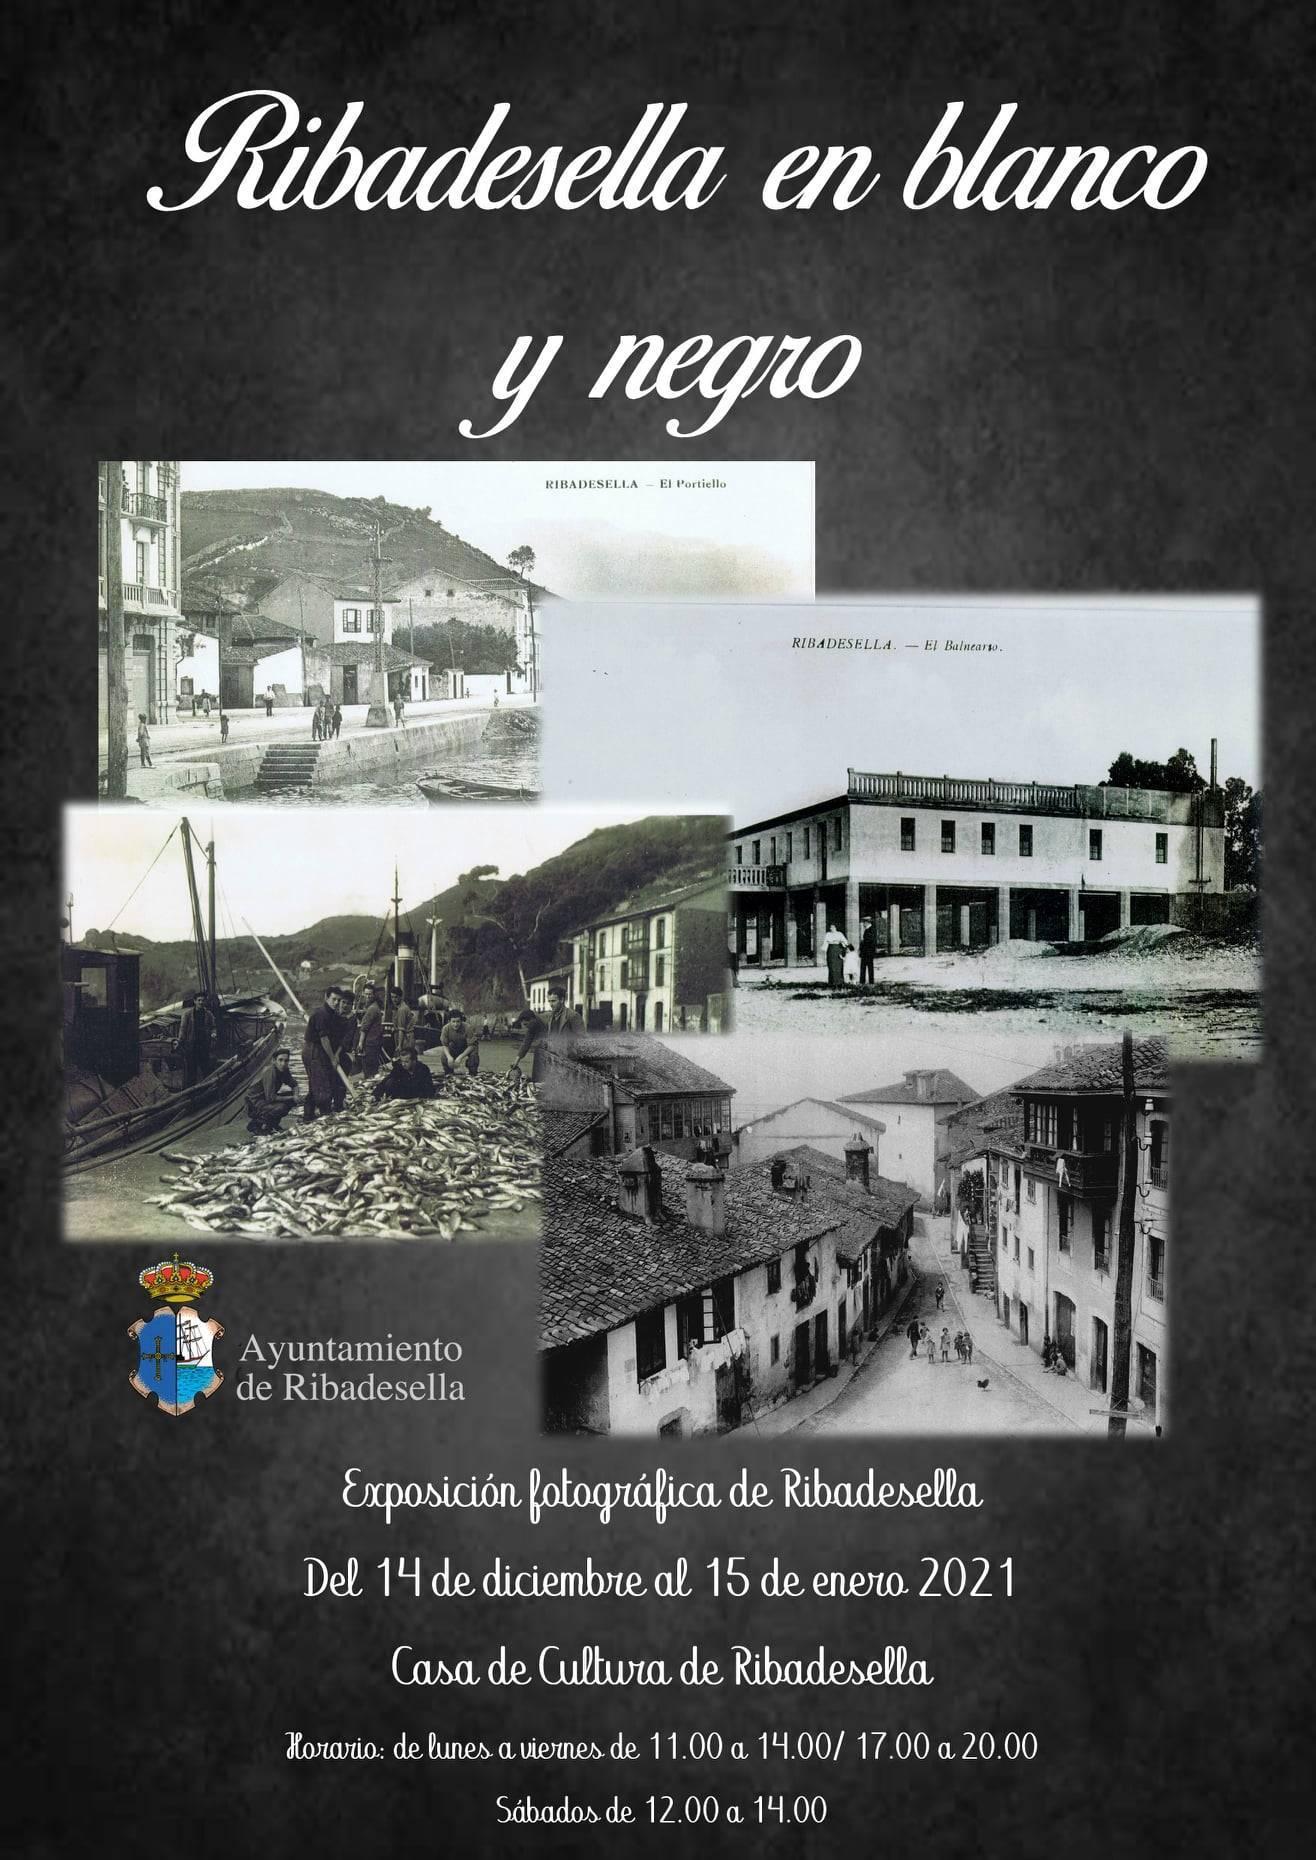 Exposición fotográfica en blanco y negro (2020-2021) - Ribadesella (Asturias)